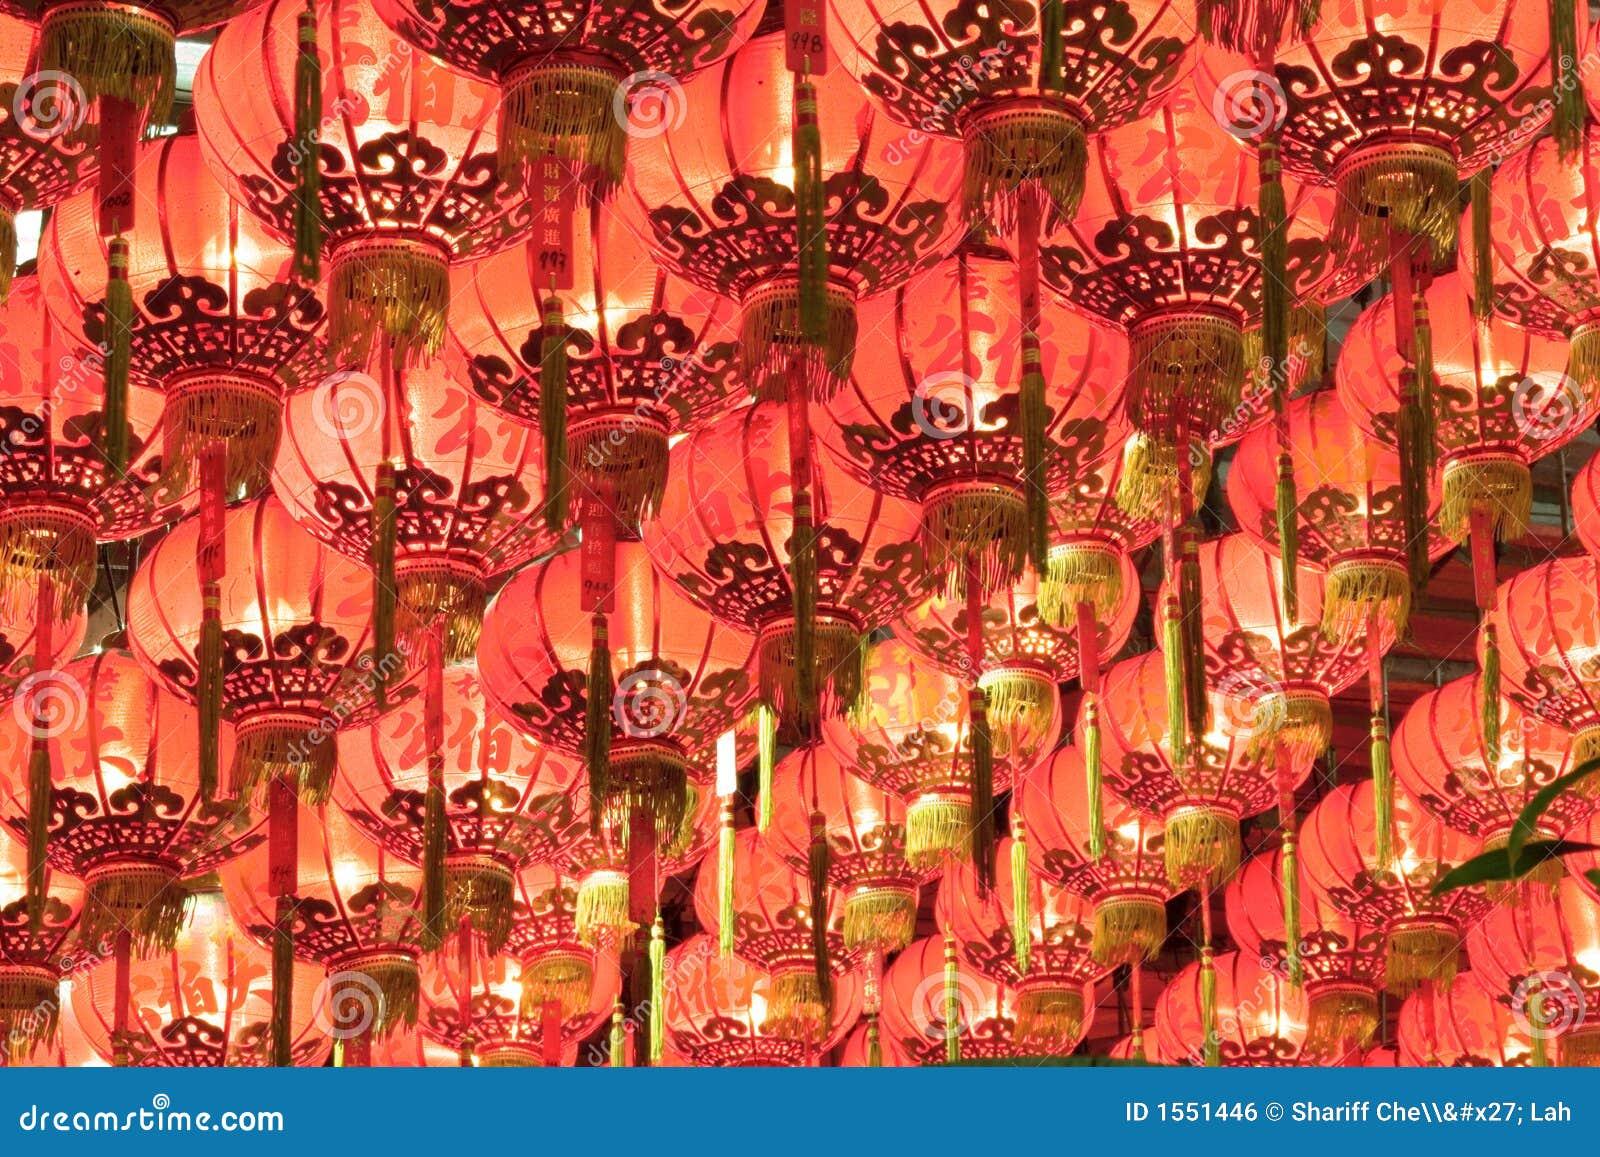 rote chinesische laternen stockfoto bild von chinesisch. Black Bedroom Furniture Sets. Home Design Ideas